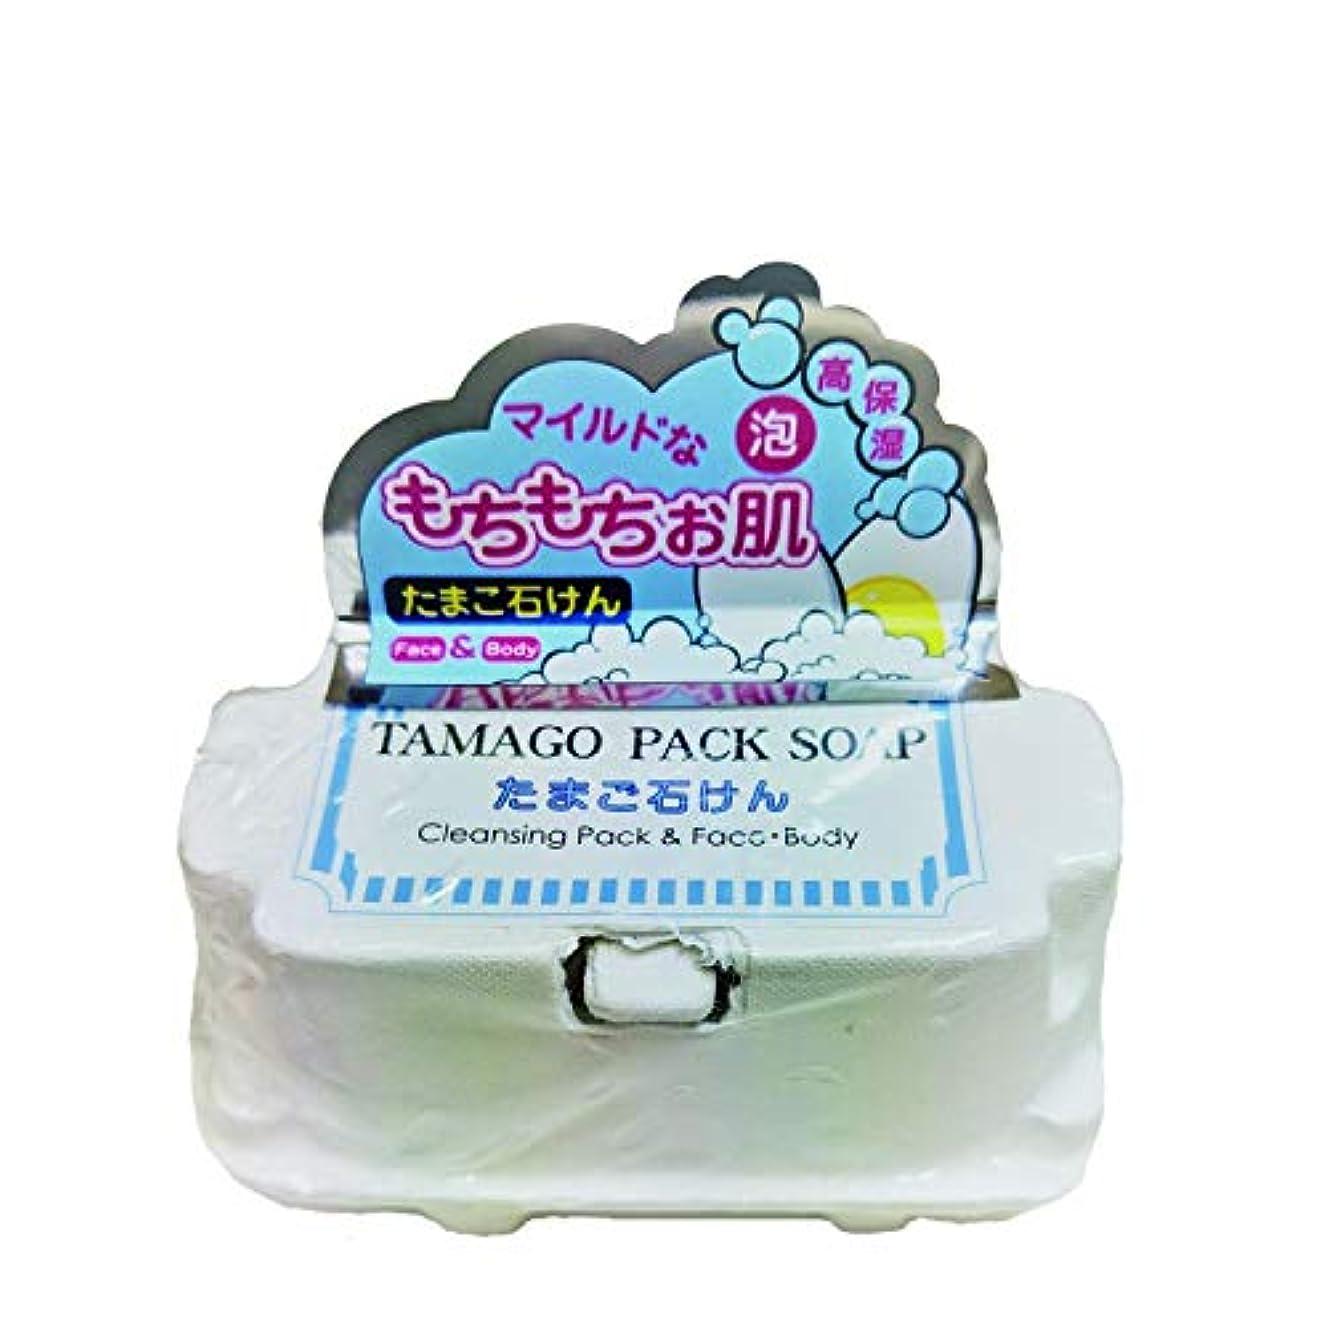 枯渇上首謀者シンビジャパン たまご石けん TAMAGO PACK SOAP フェイス?ボディ用 50g×2個入